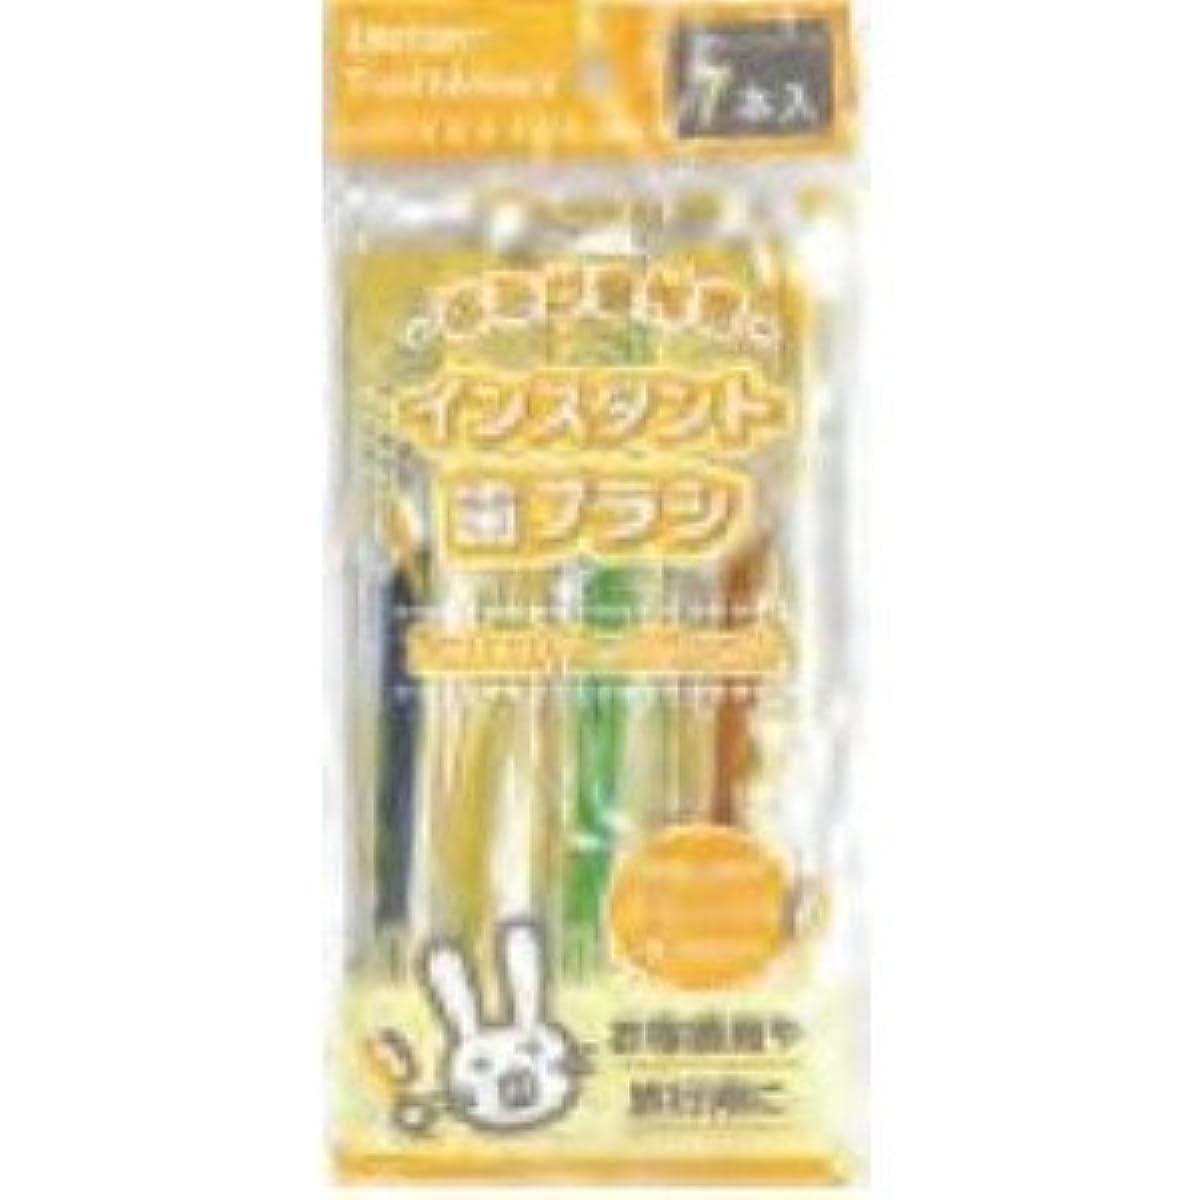 にぎやか増加するところで歯みがき付きインスタント歯ブラシ7P アソート HH-122 【10個セット】